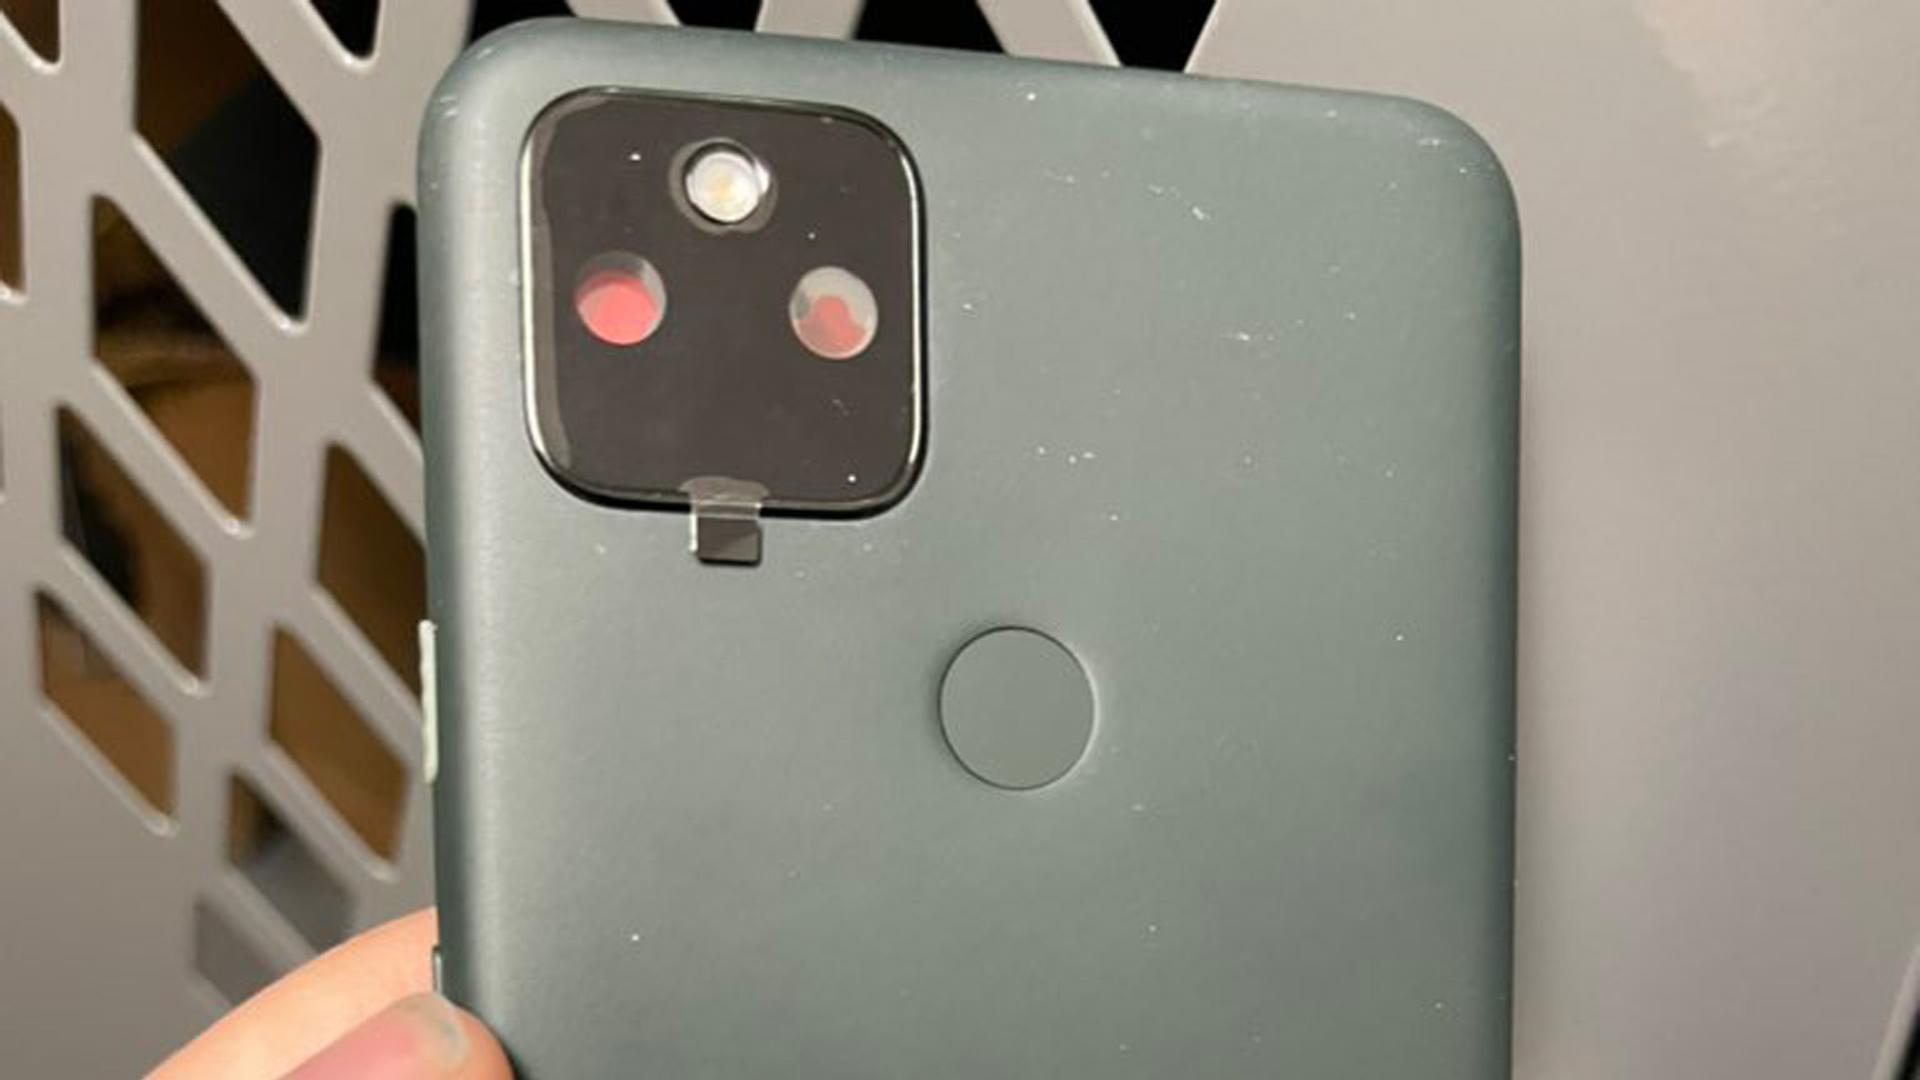 Komponen belakang yang diduga untuk Google Pixel 5a.